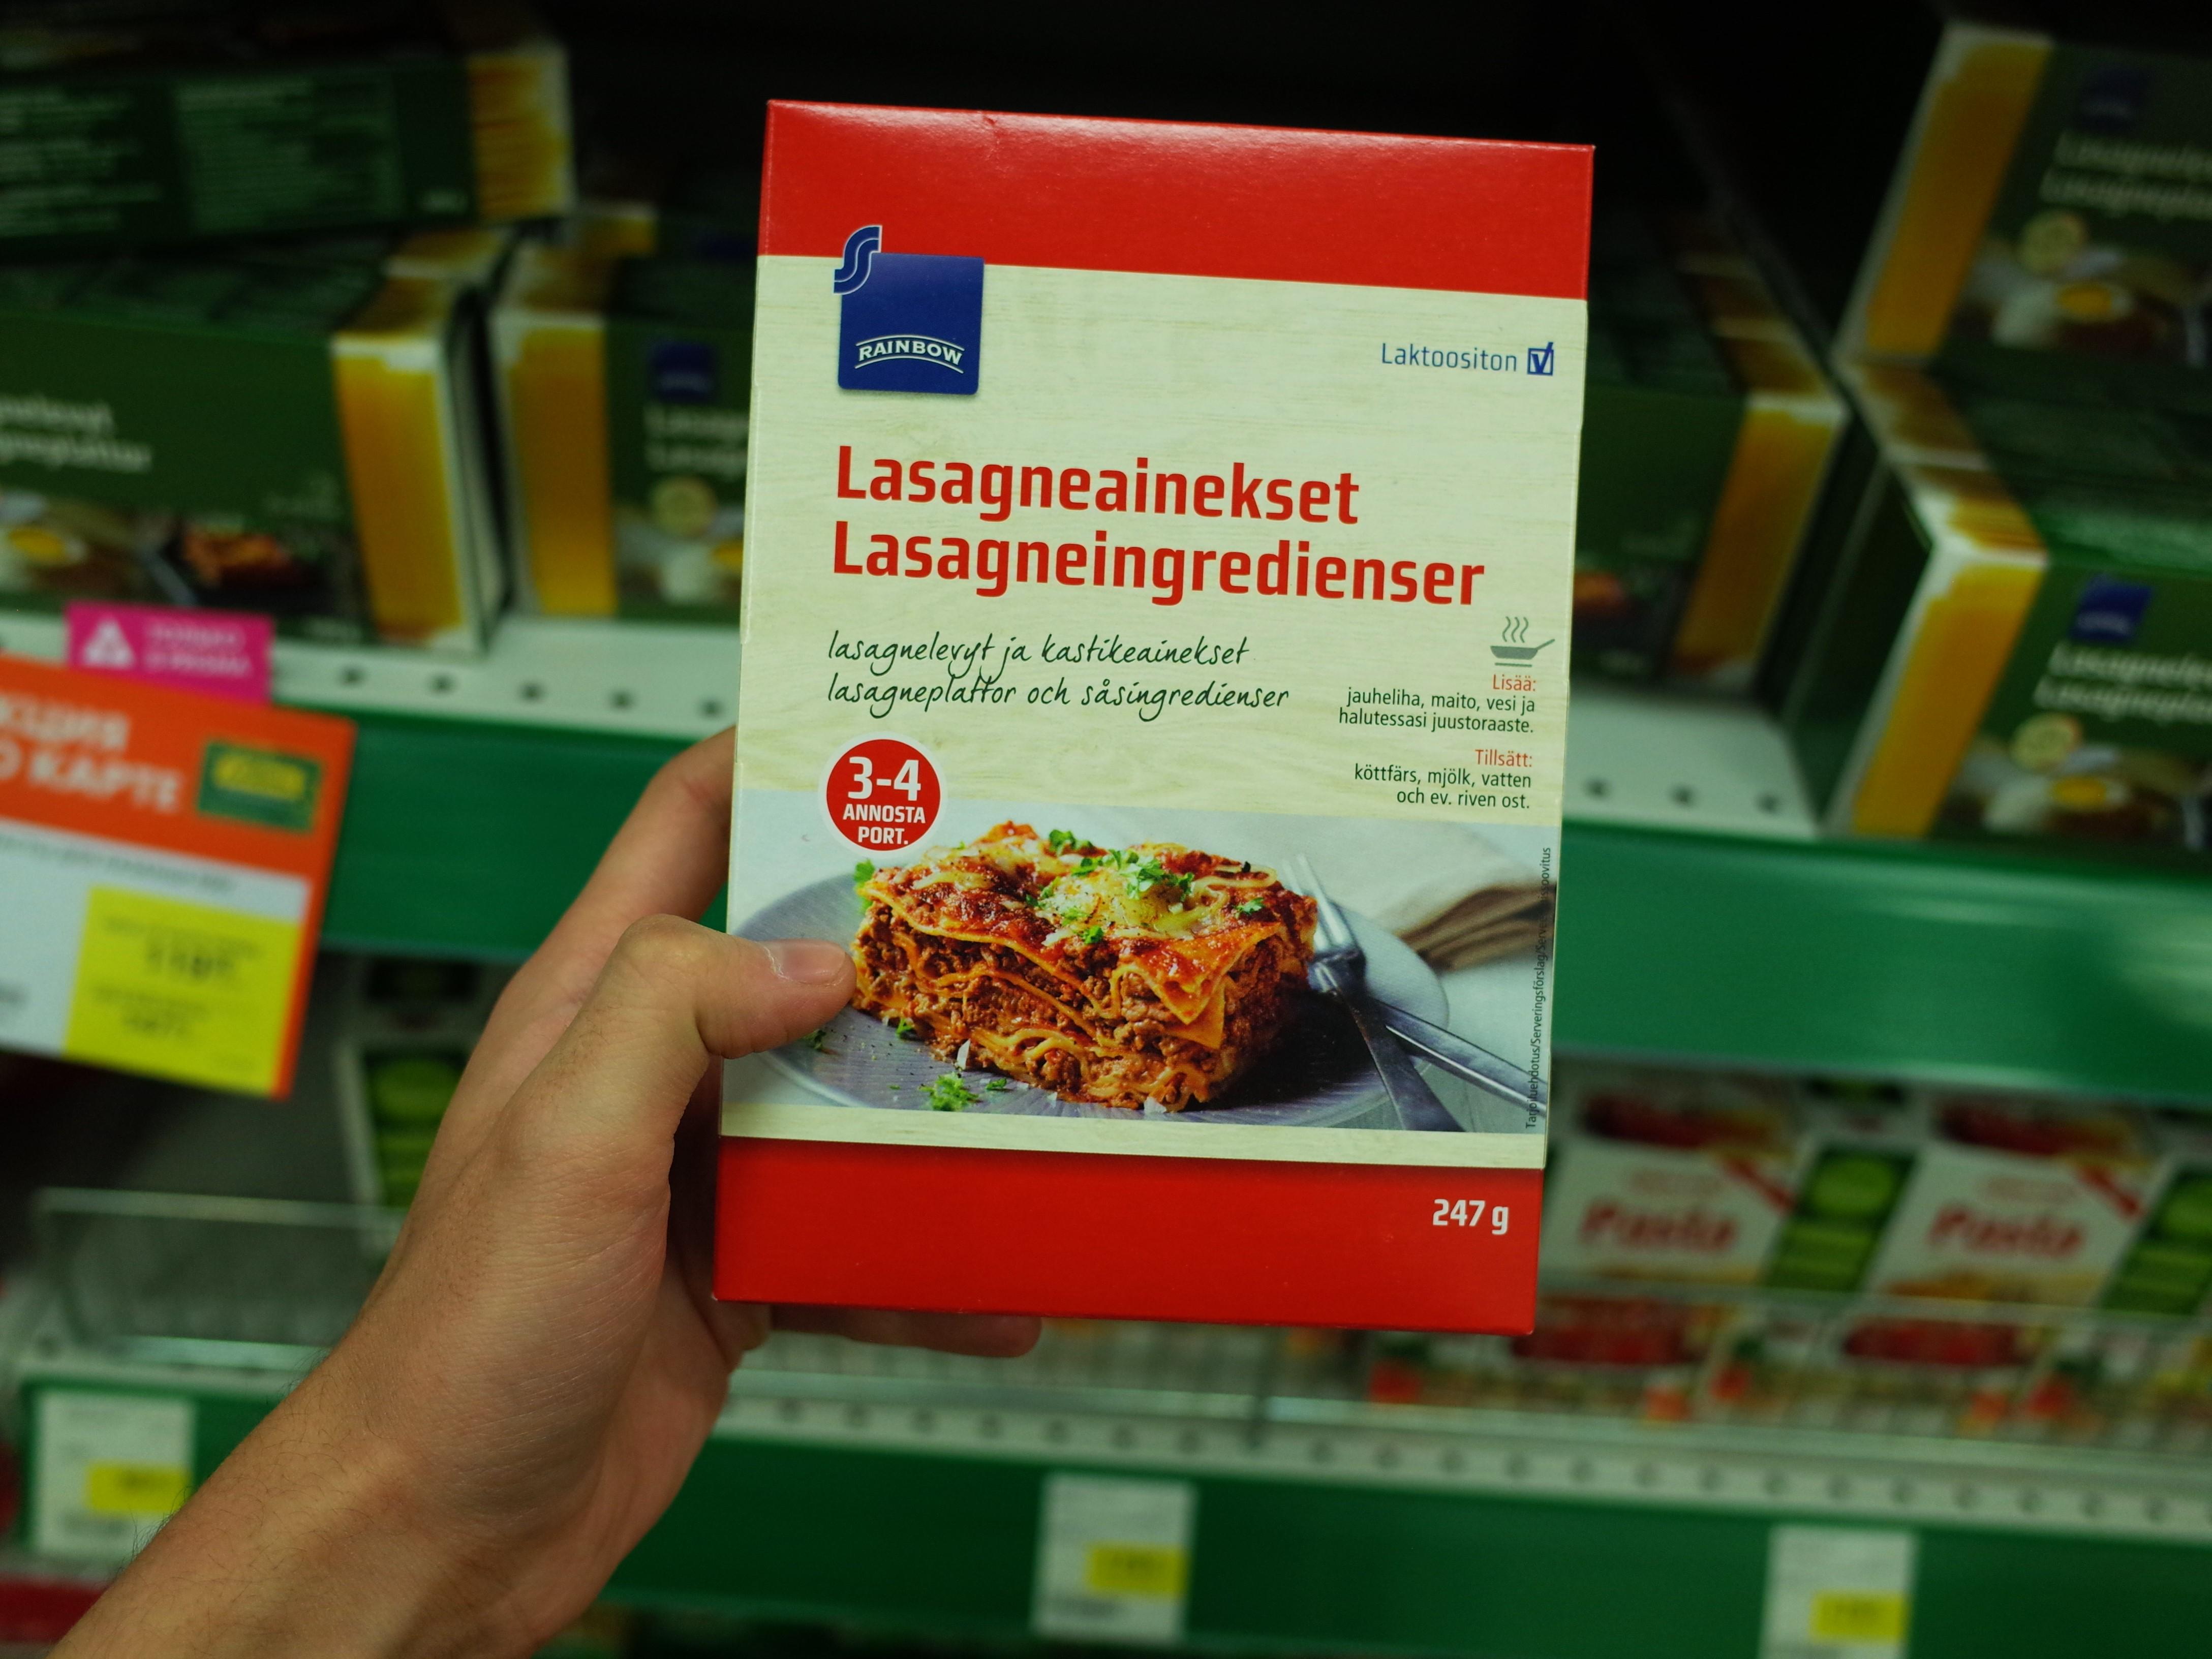 Ксерофилия: каким бывает коллекционирование упаковок и этикеток